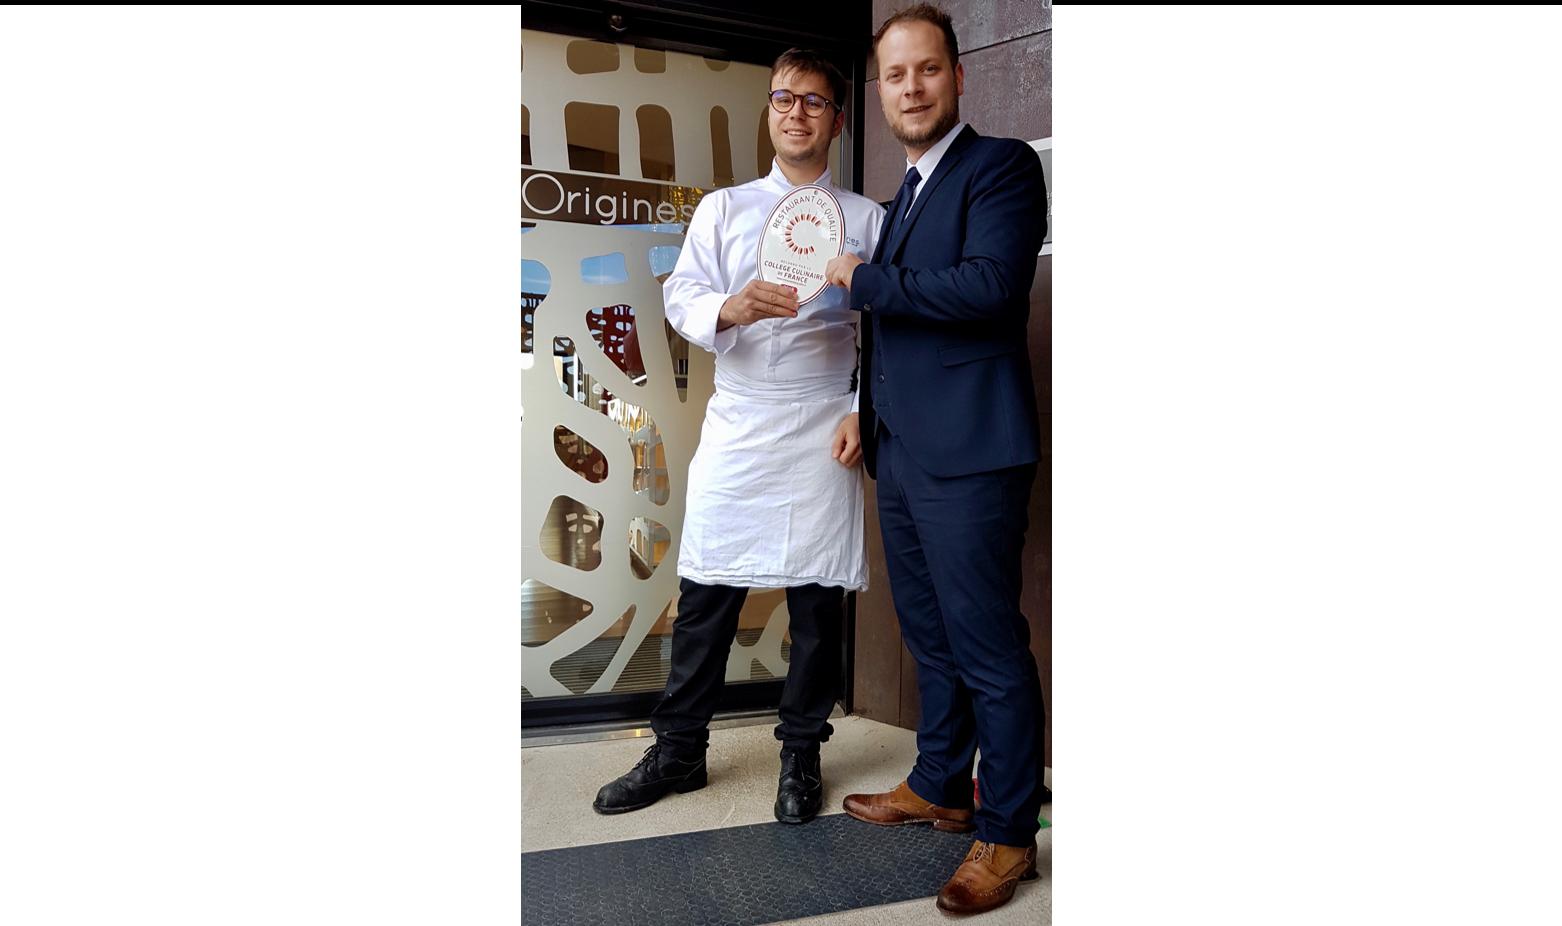 Adrien Descouls et Alex Cronier, Restaurant de Qualité Origines en Auvergne